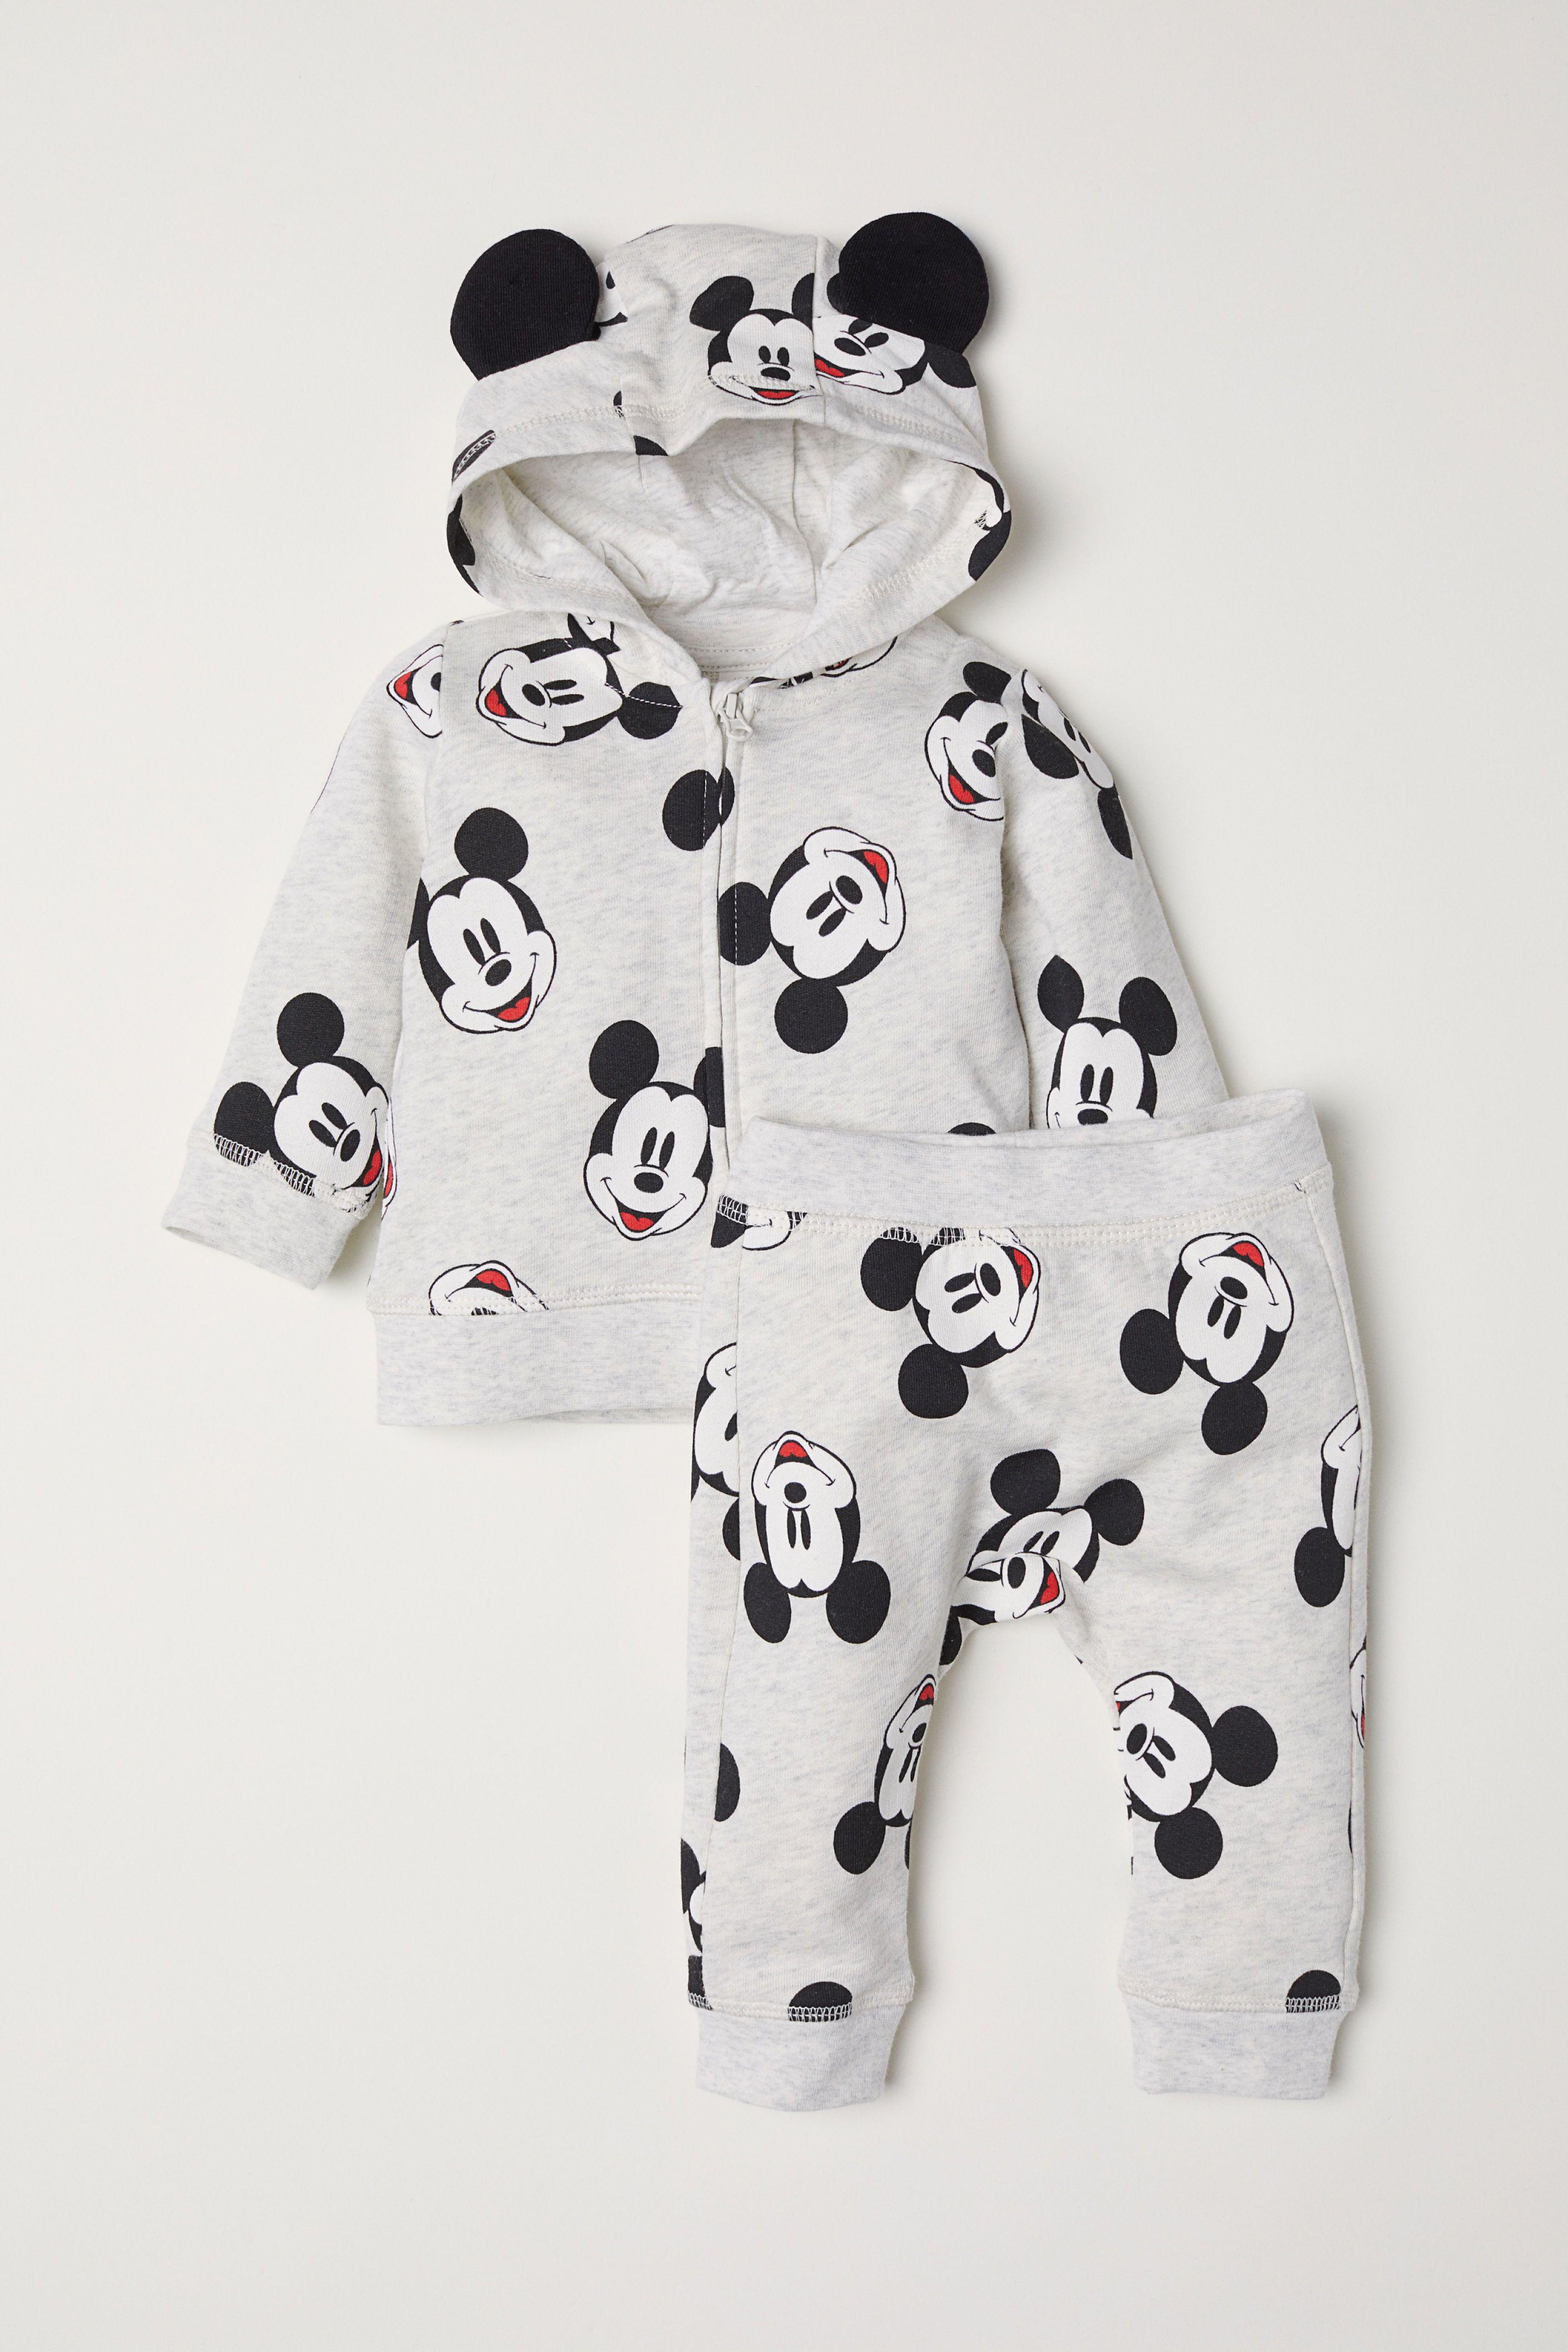 c83354c917f2 Kapüşonlu Ceket ve Pantolon - Açık gri kırçıllı Mickey Mouse -